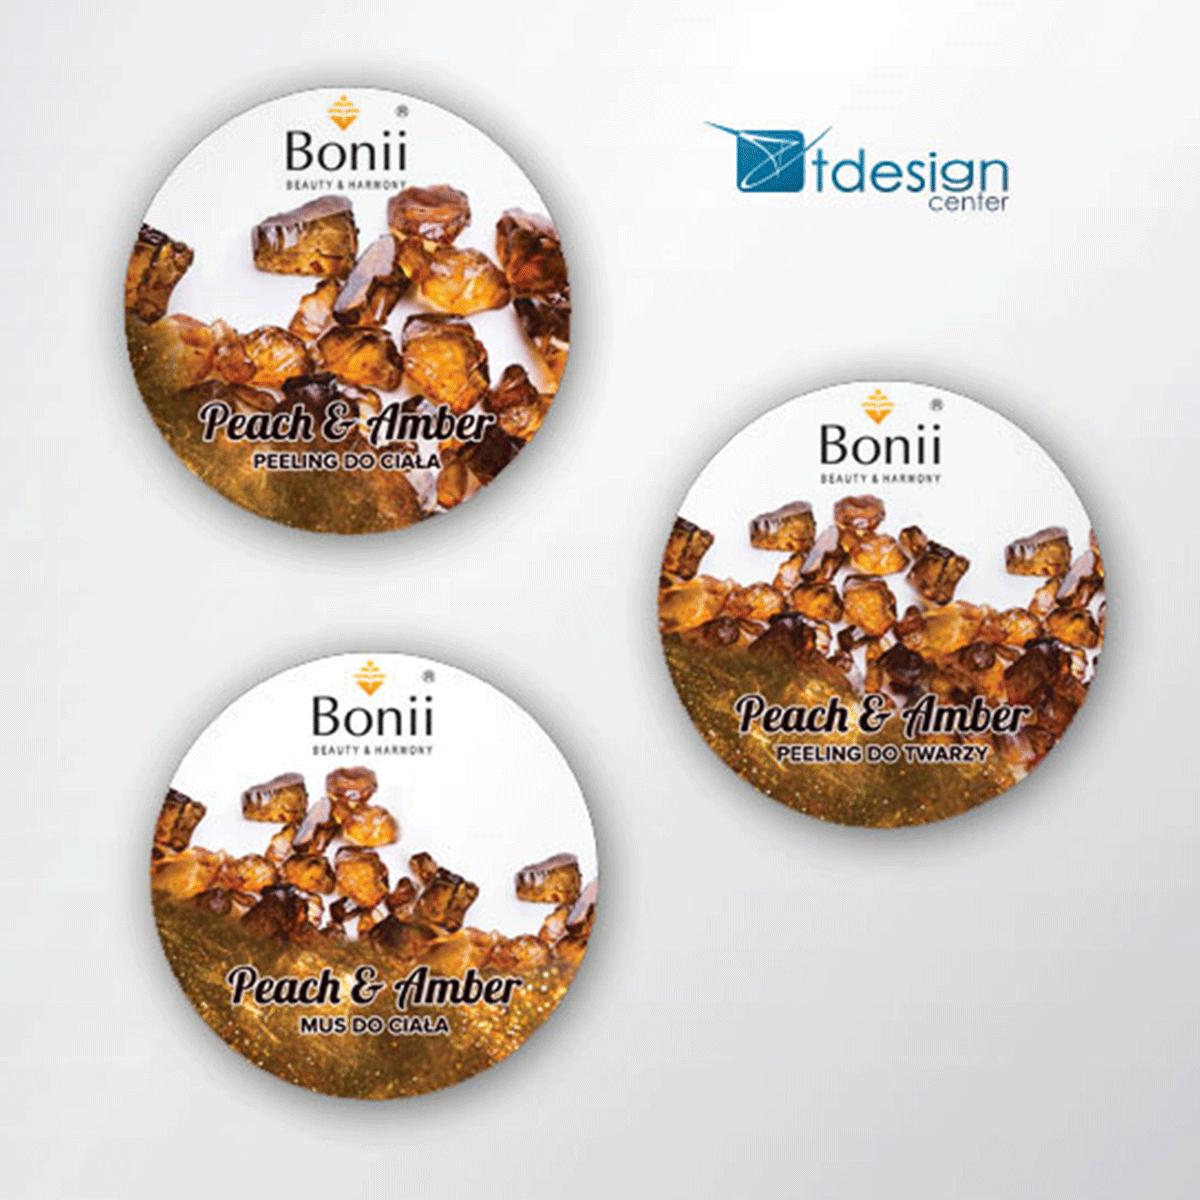 Naklejki 60x60mm, projekt + druk, realizacja dla firmy Bonii